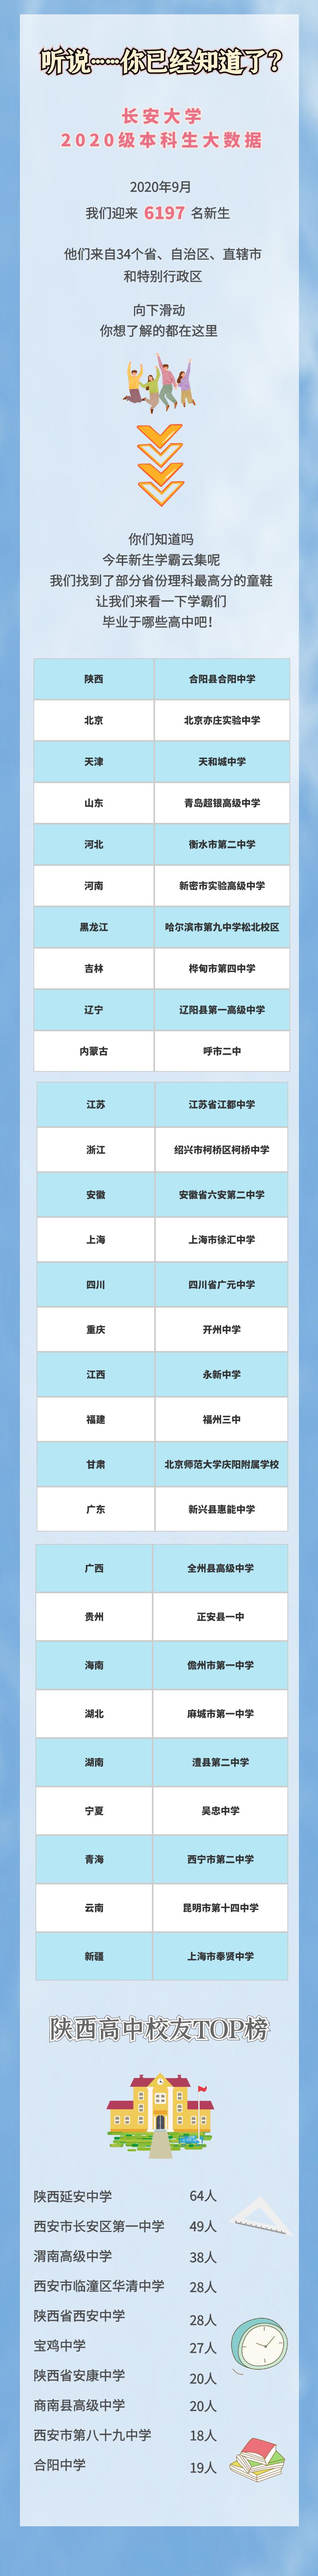 男女比例2.76:1,最小14岁 |长安大学2020级本科生数据大揭秘!图片